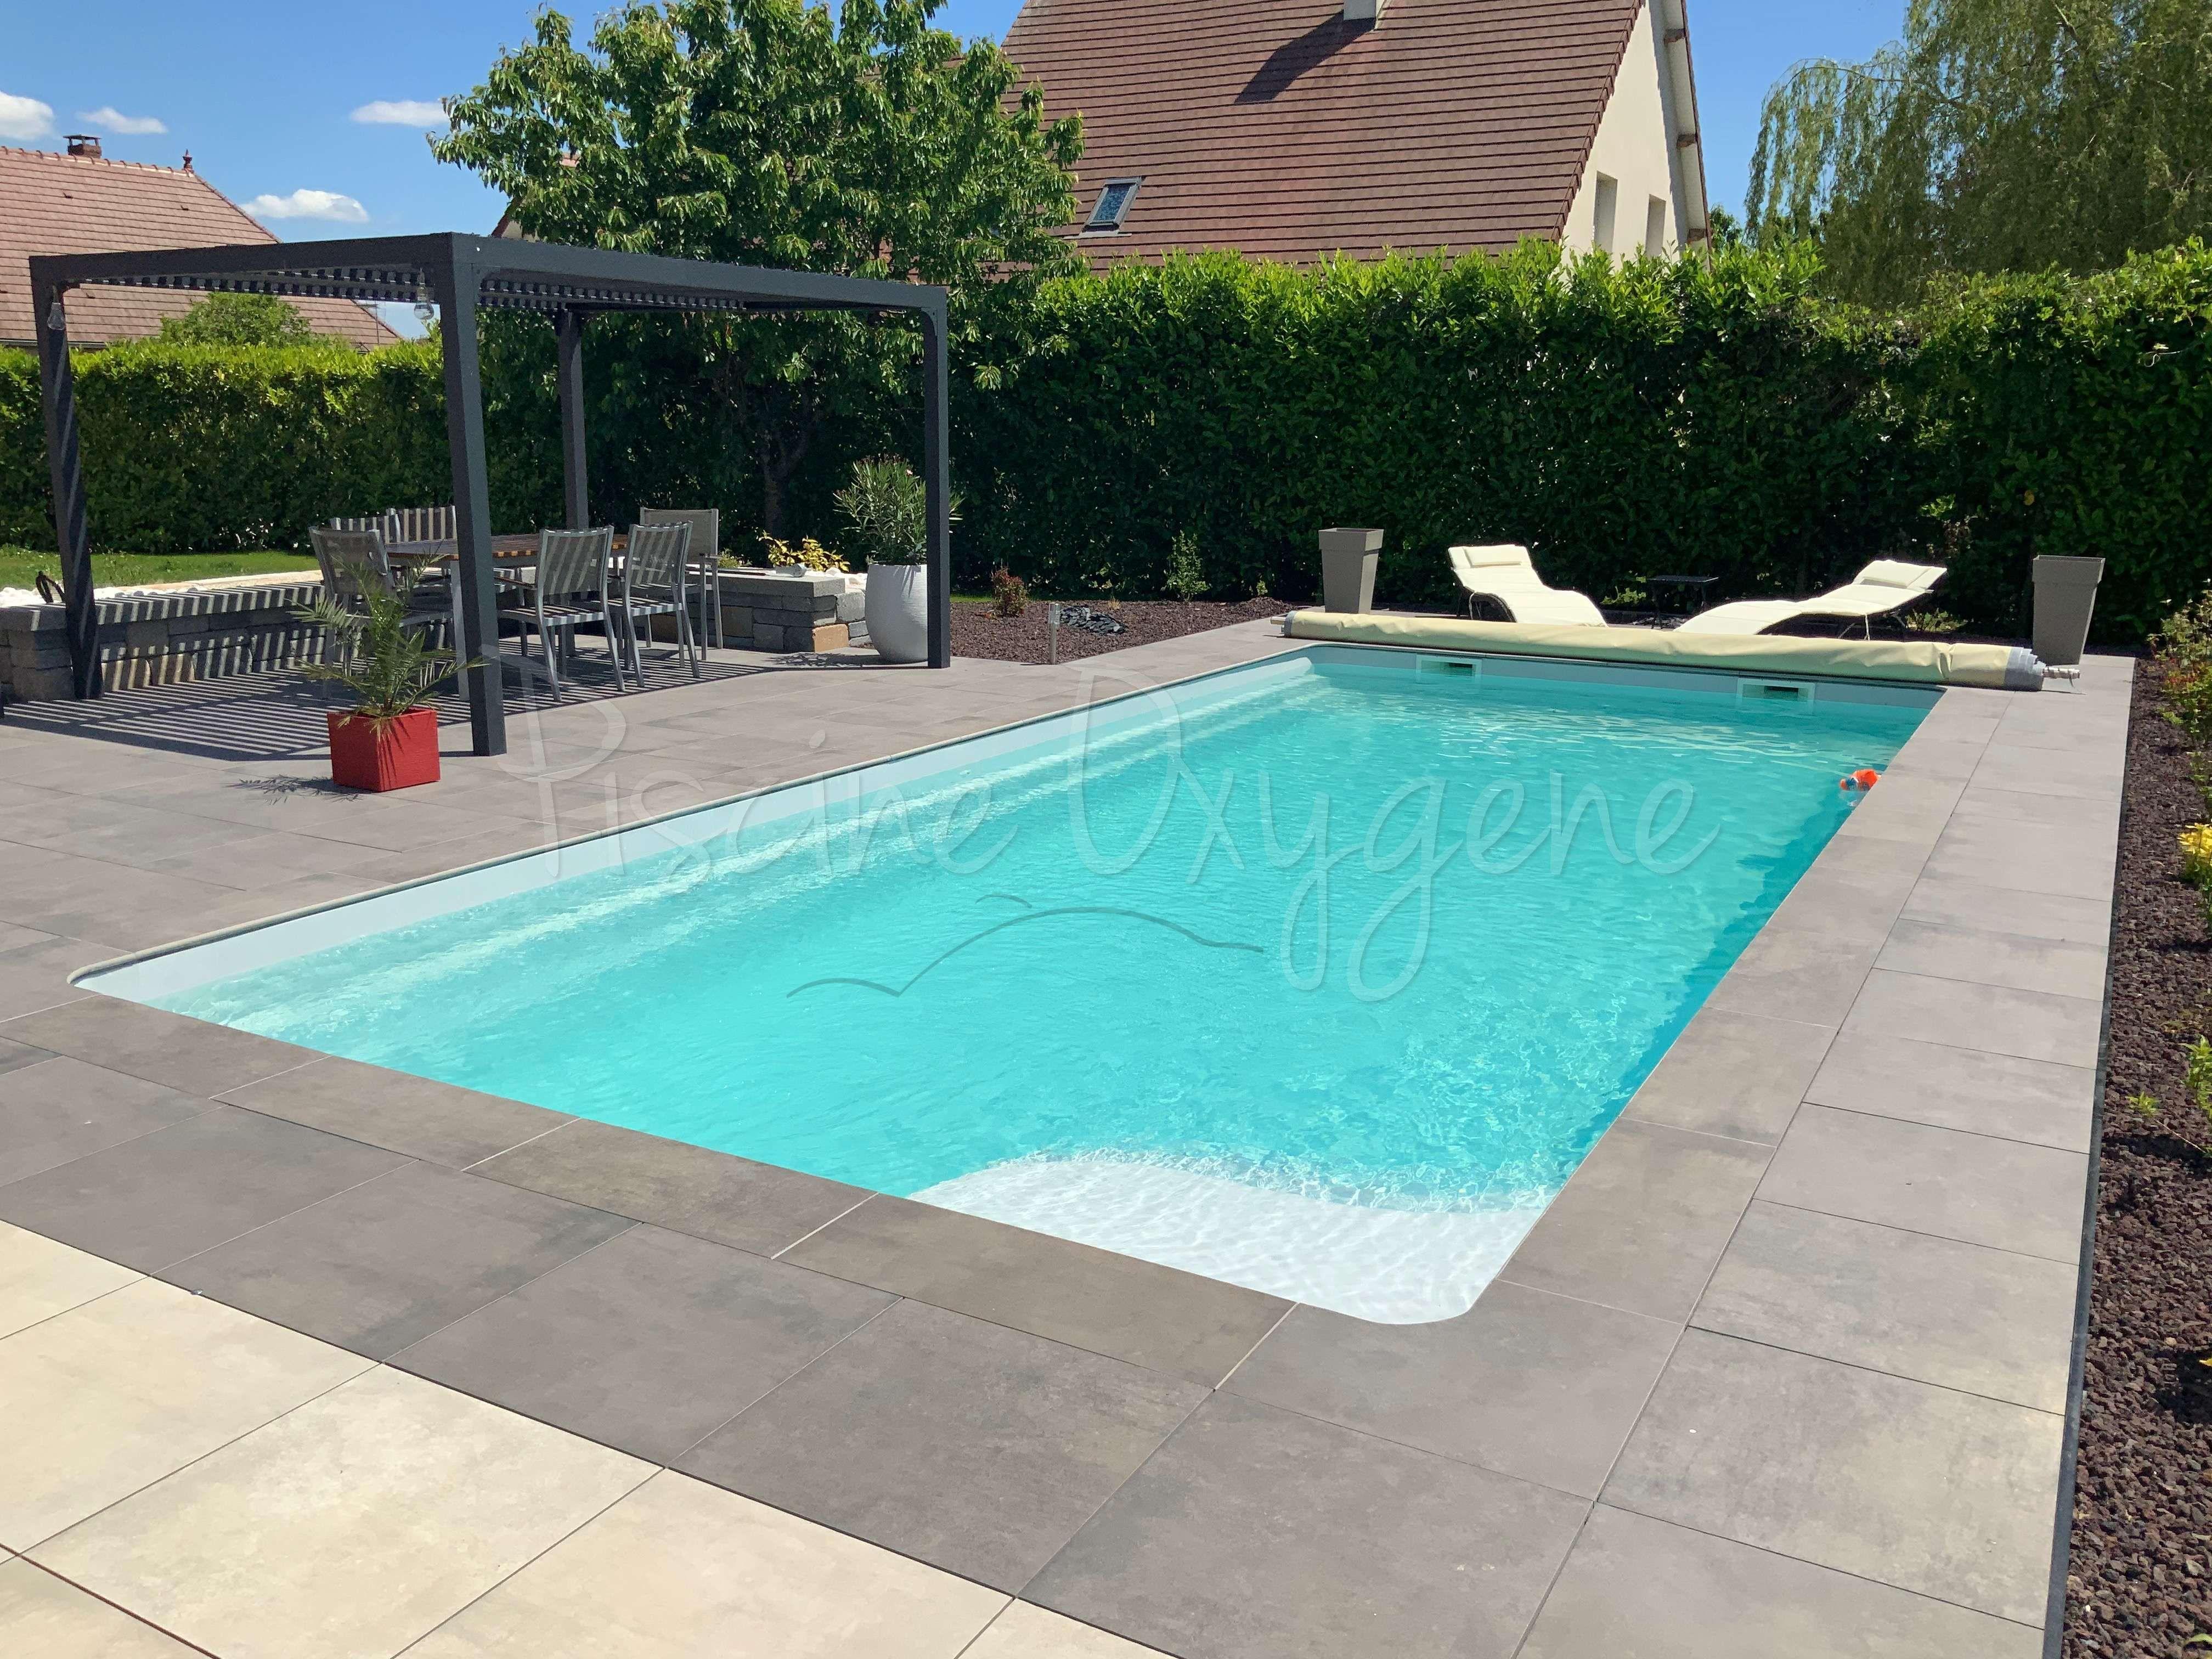 Unique 9 In 2020 Outdoor Pool Outdoor Decor